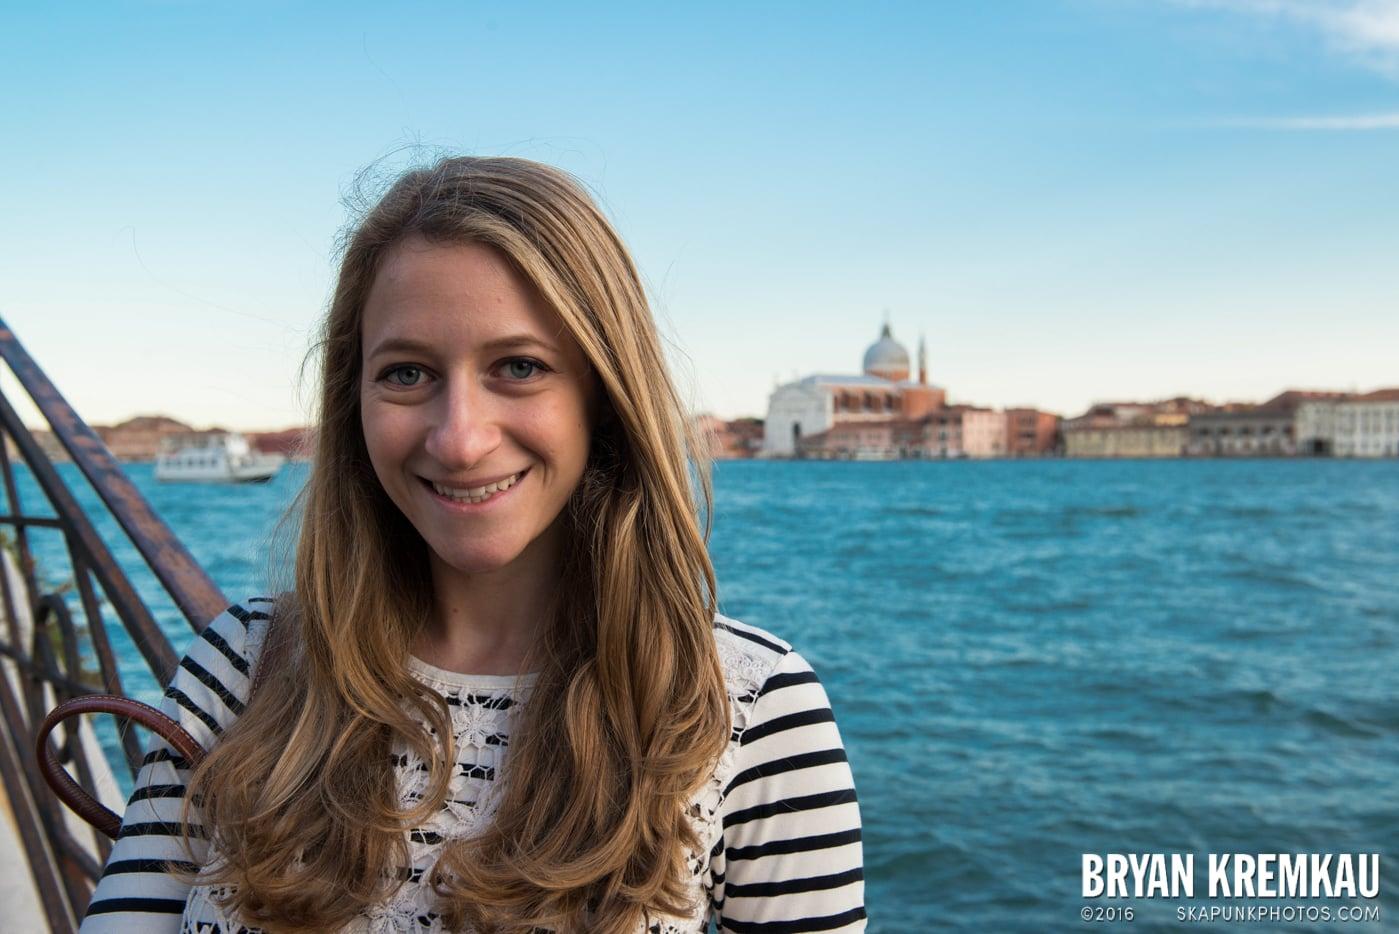 Italy Vacation - Day 4: Venice - 9.12.13 (17)